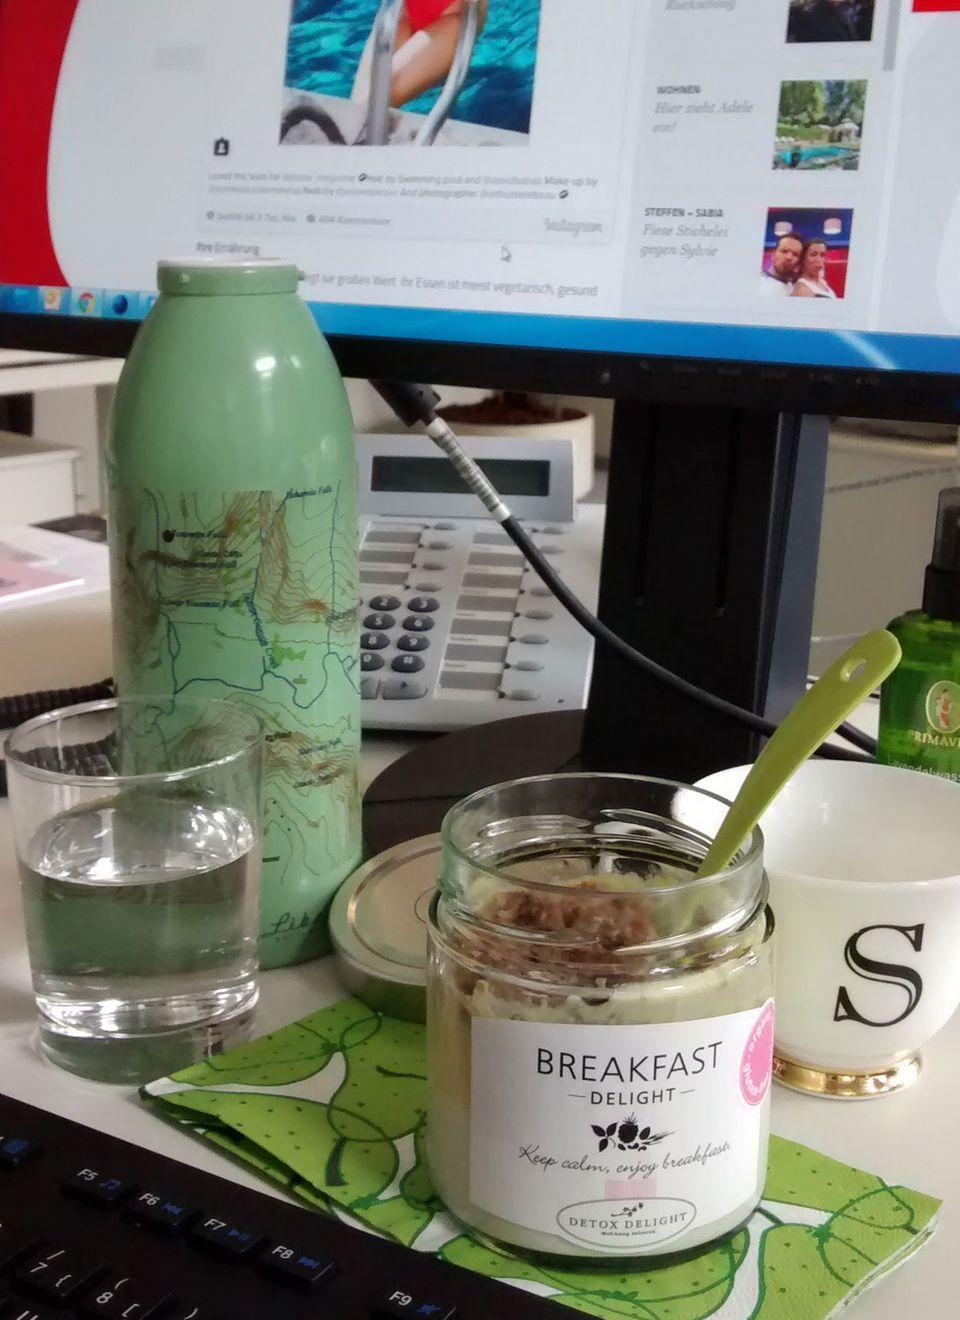 Mit dem Fahrrad an der Elbe entlang zum Verlag brausen und dann am Schreibtisch frühstücken. Den Soja-Joghurt mit Mangopüree und Crunchy-Granola kann man im Schraubglas gut mitnehmen.